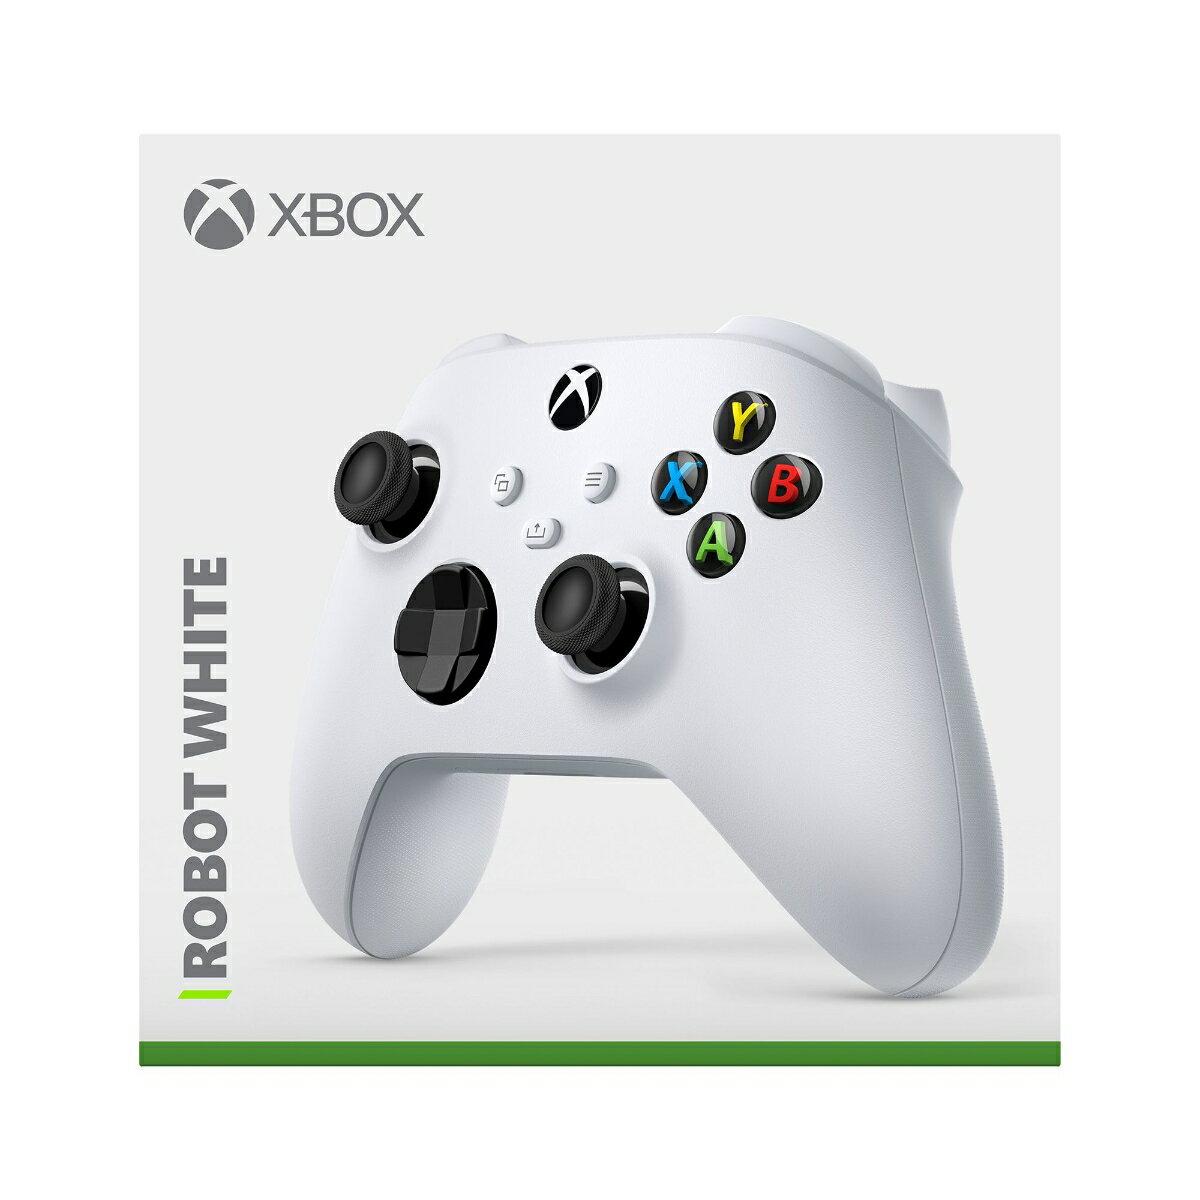 Xbox ワイヤレス コントローラー (ロボット ホワイト)